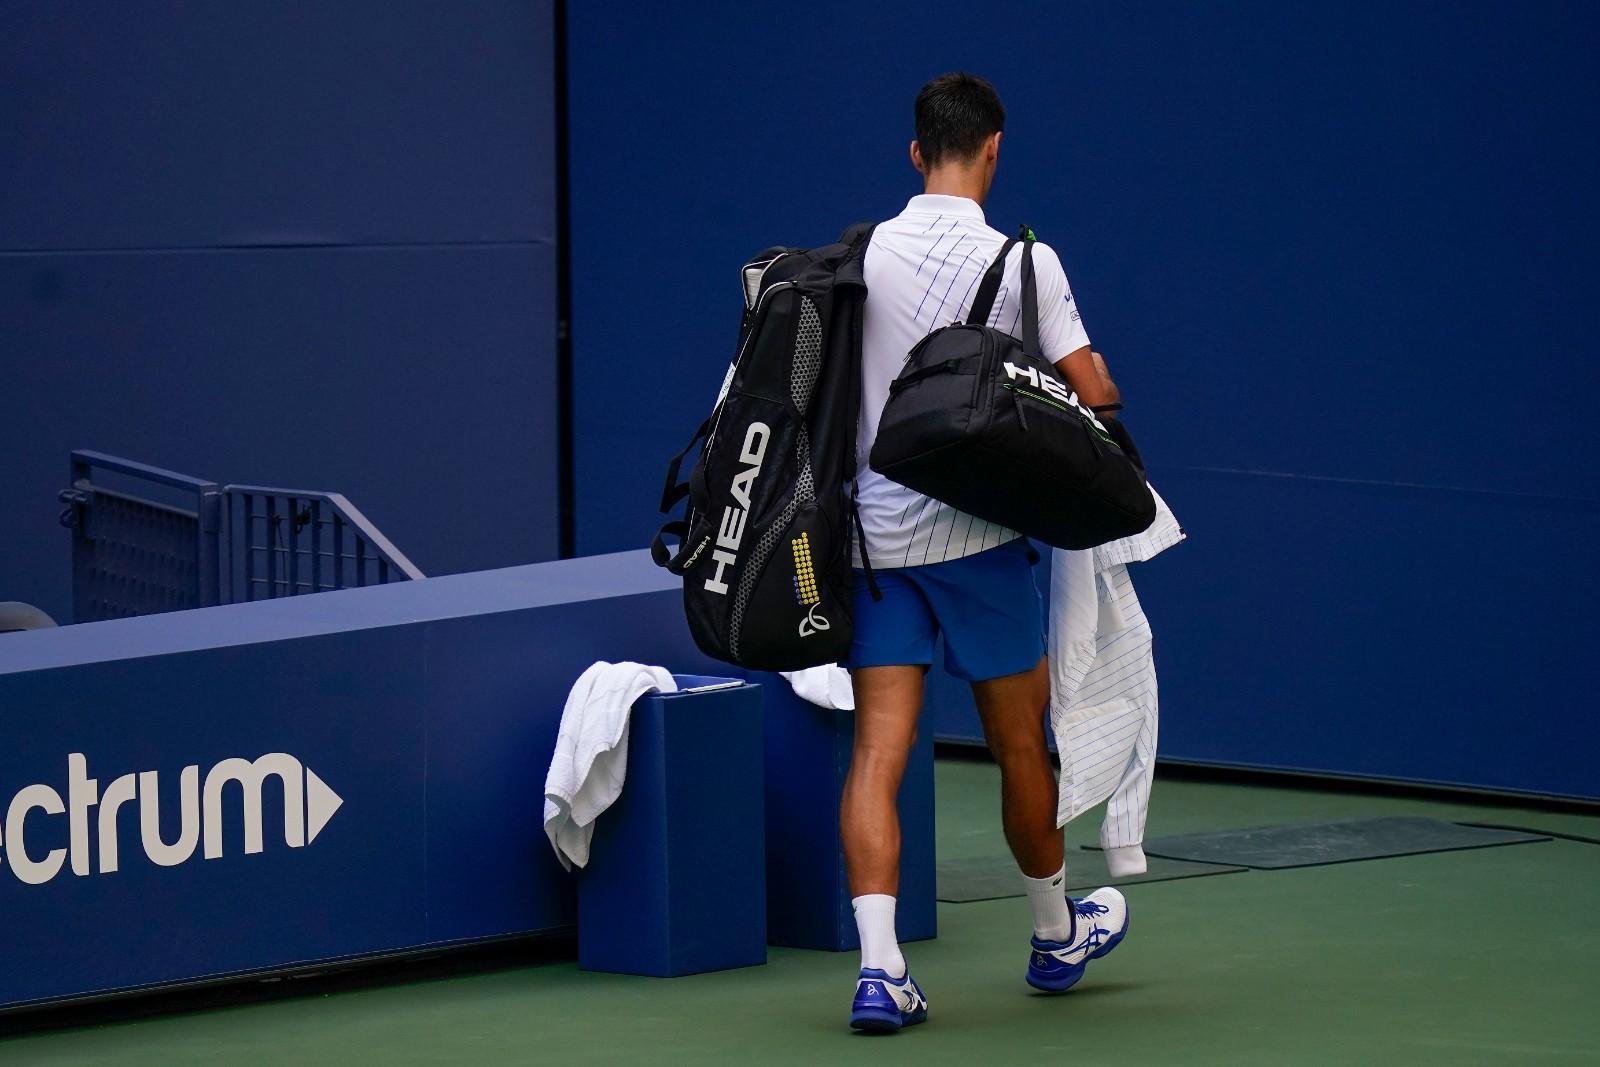 意外状况!德约击中裁判违例 被取消美网参赛资格_图1-4